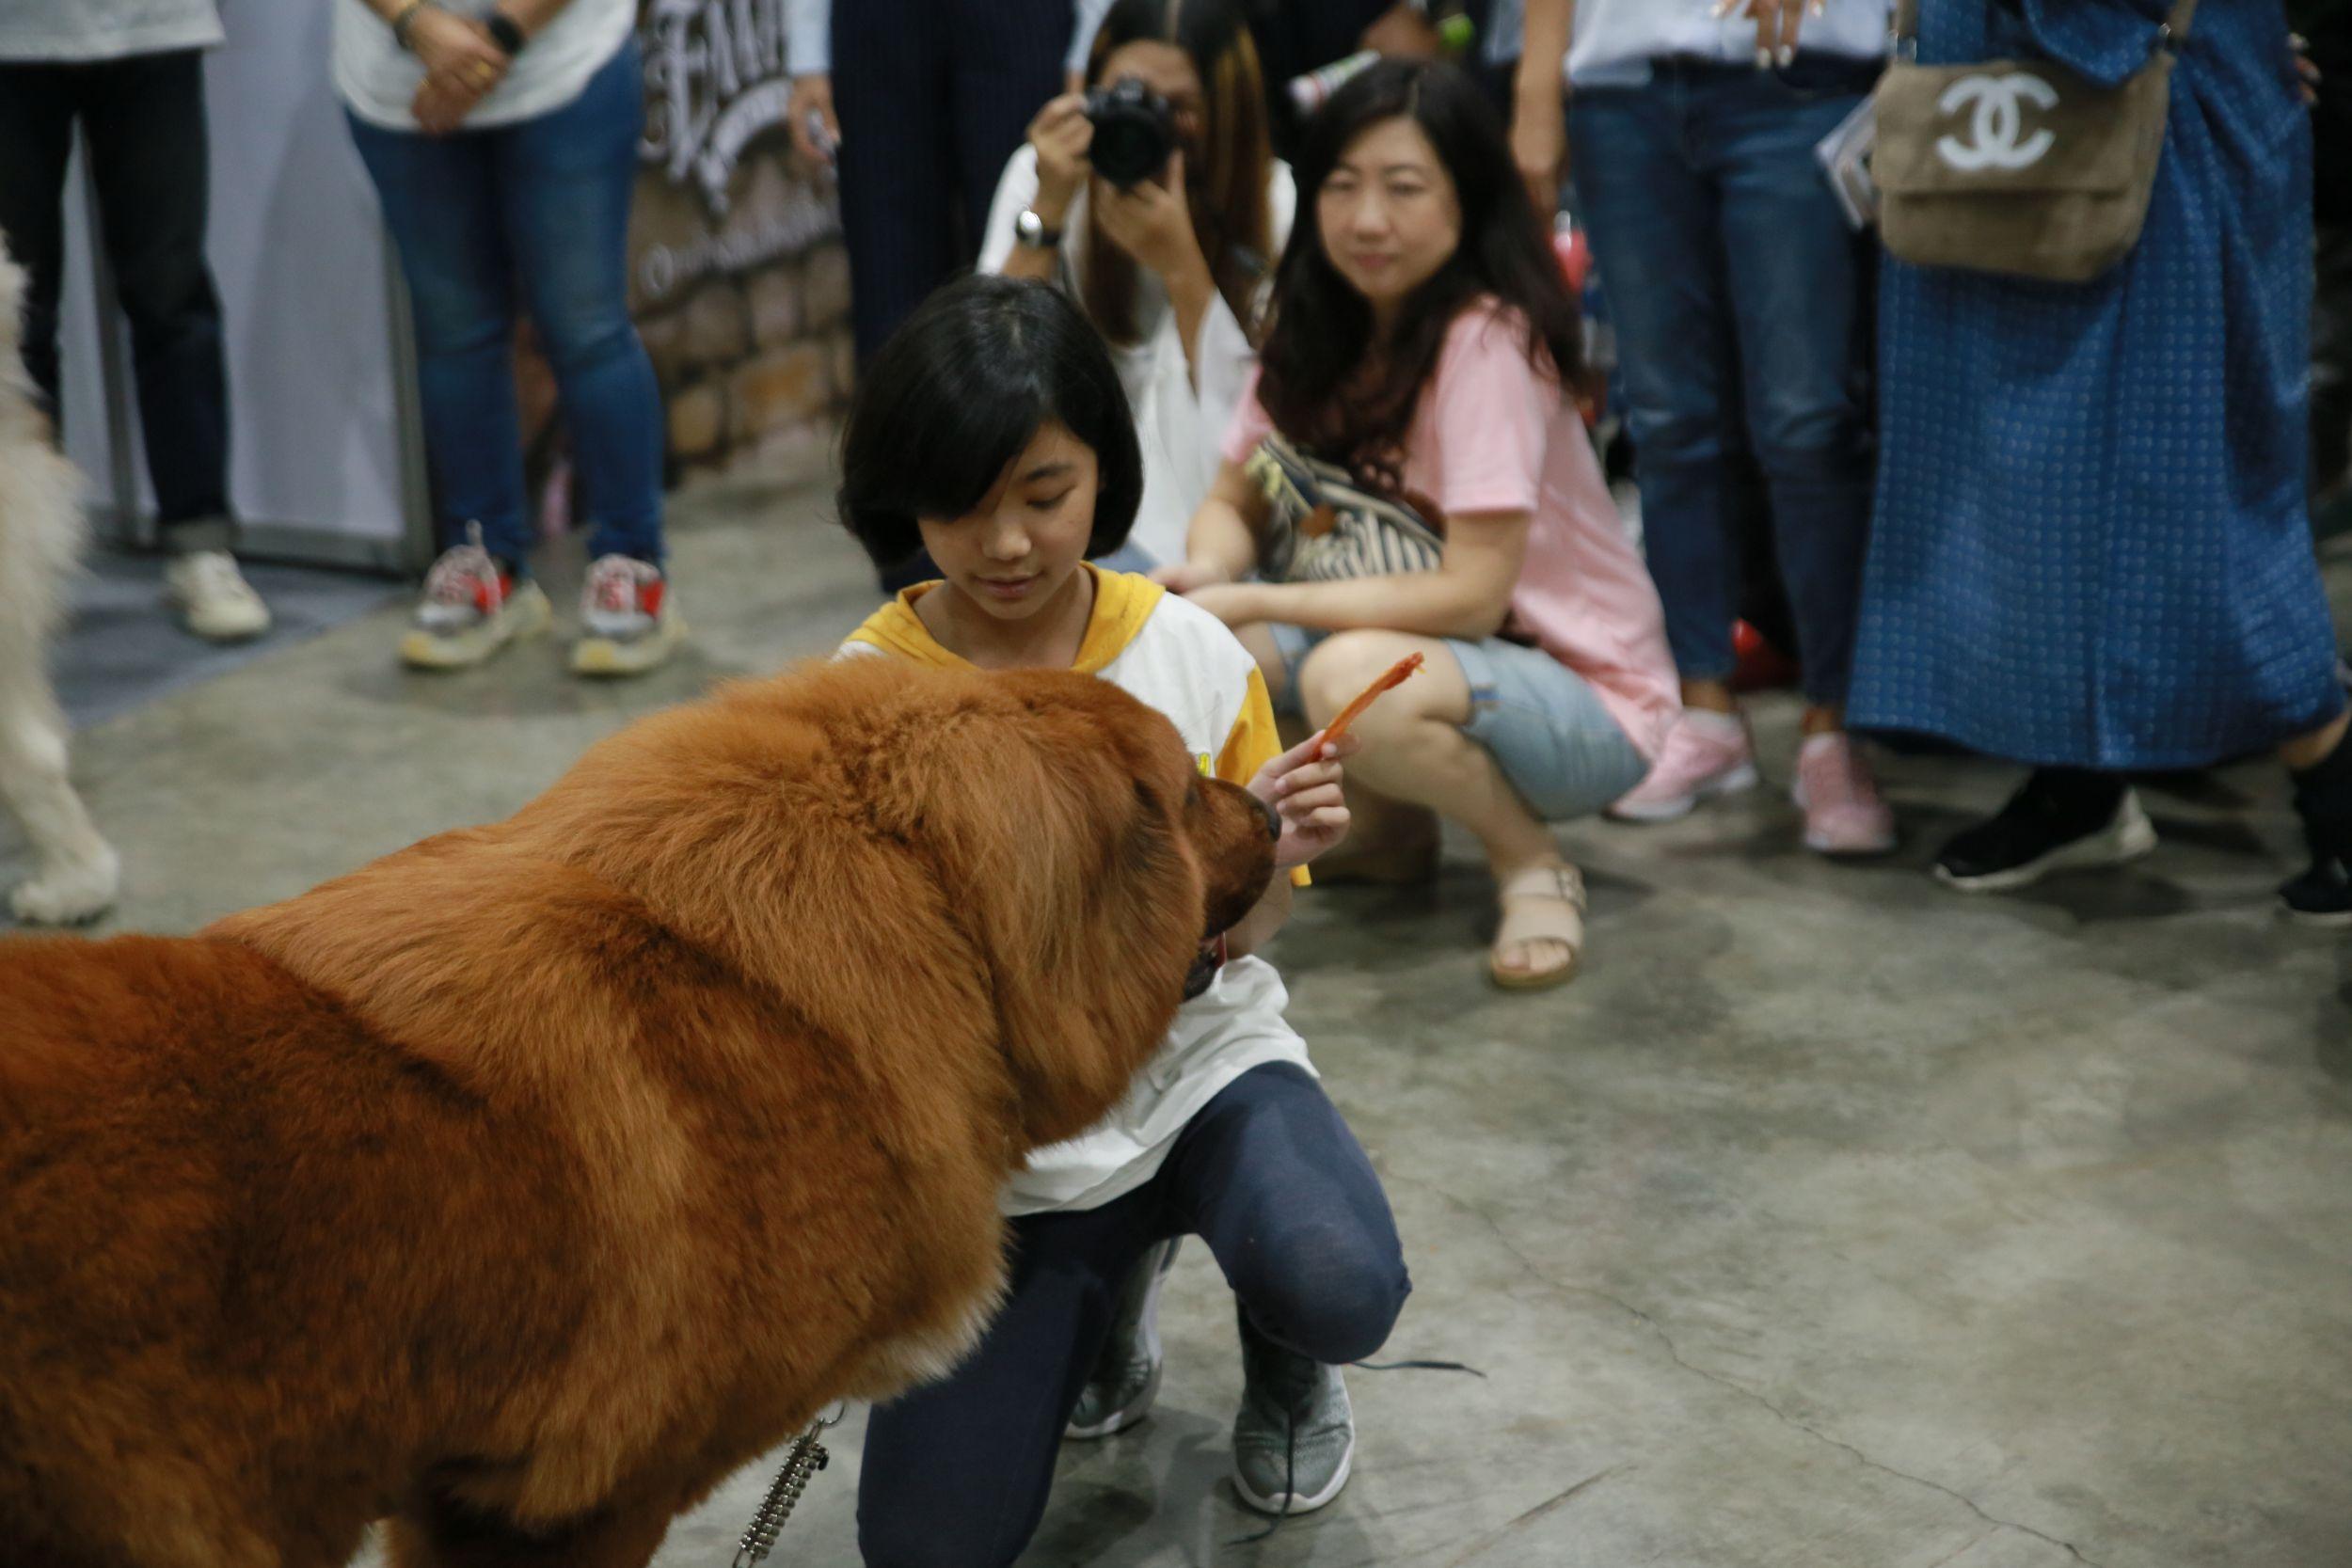 Dogilike.com :: Lintbells เปิดเวทีชวนคนรักหมามาคุยในหัวข้อ มีลูกก็เลี้ยงหมาได้นะ